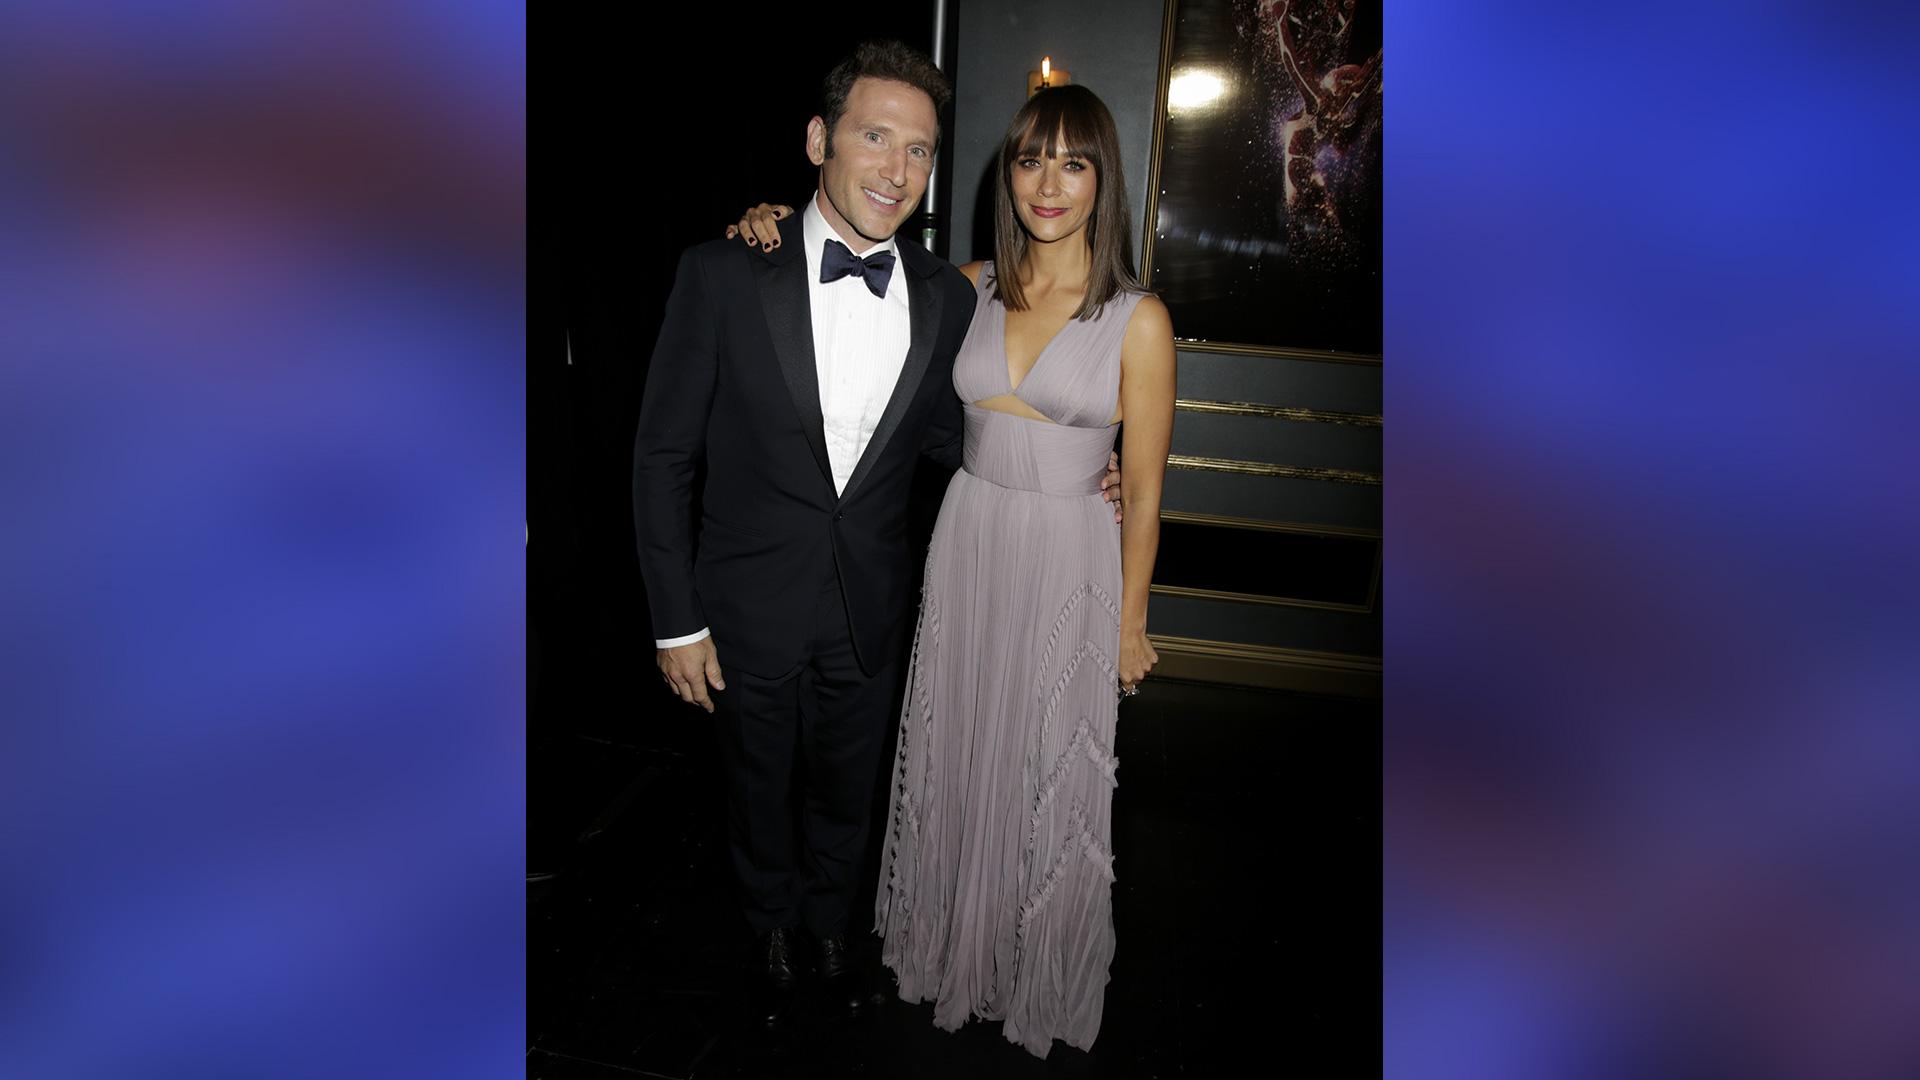 Emmy presenters Mark Feuerstein and Rashida Jones glow in their evening attire.